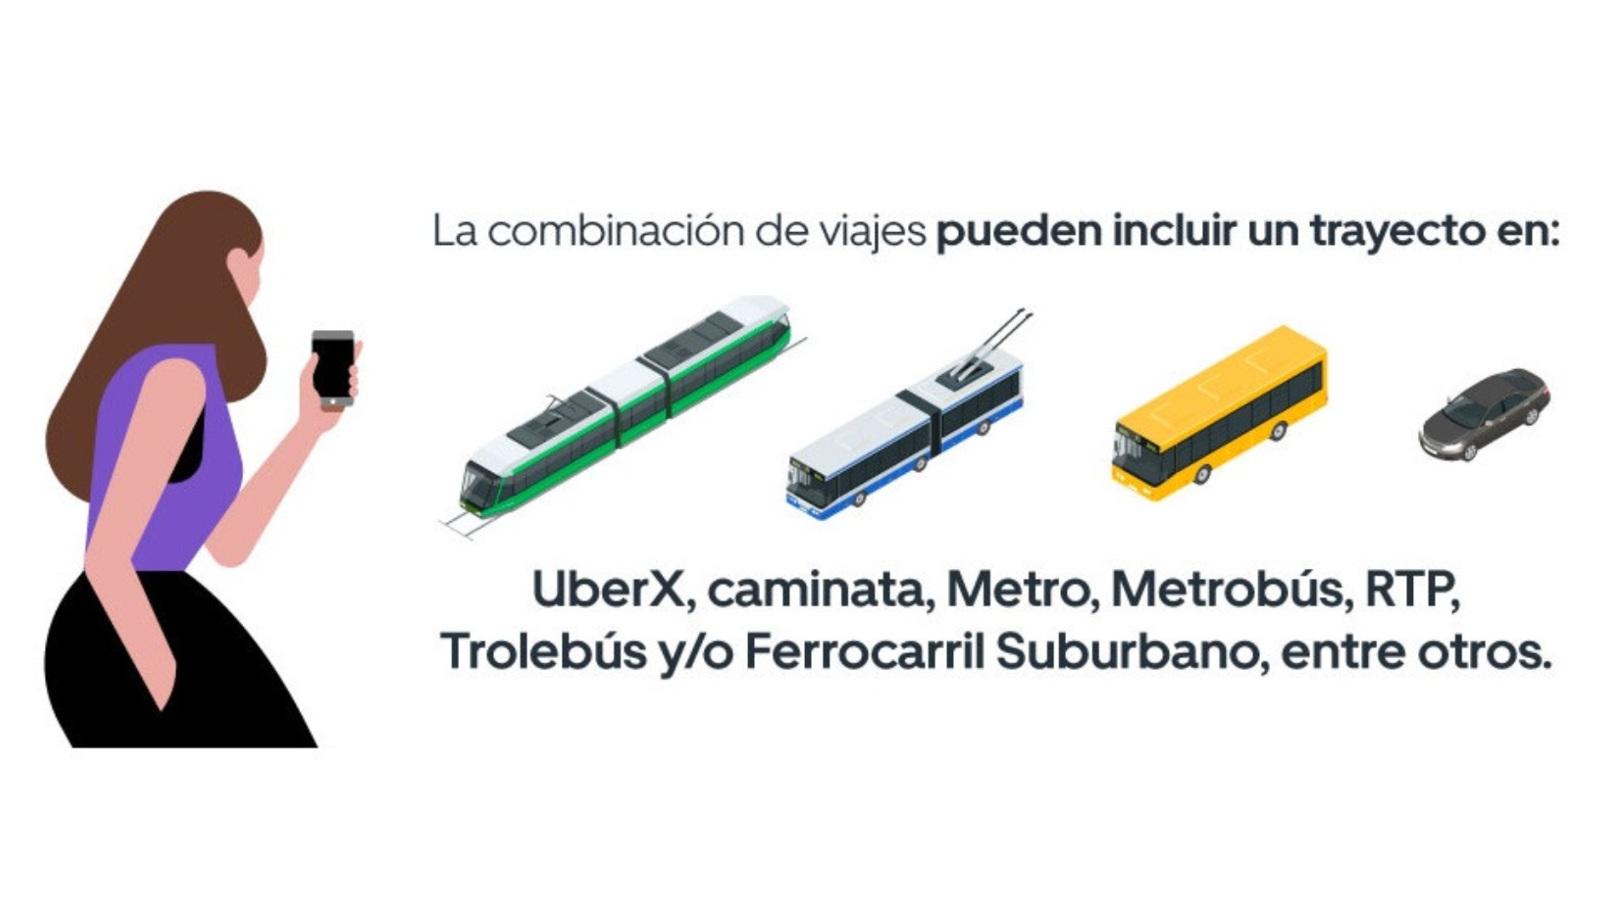 Uber + Transit, CDMX